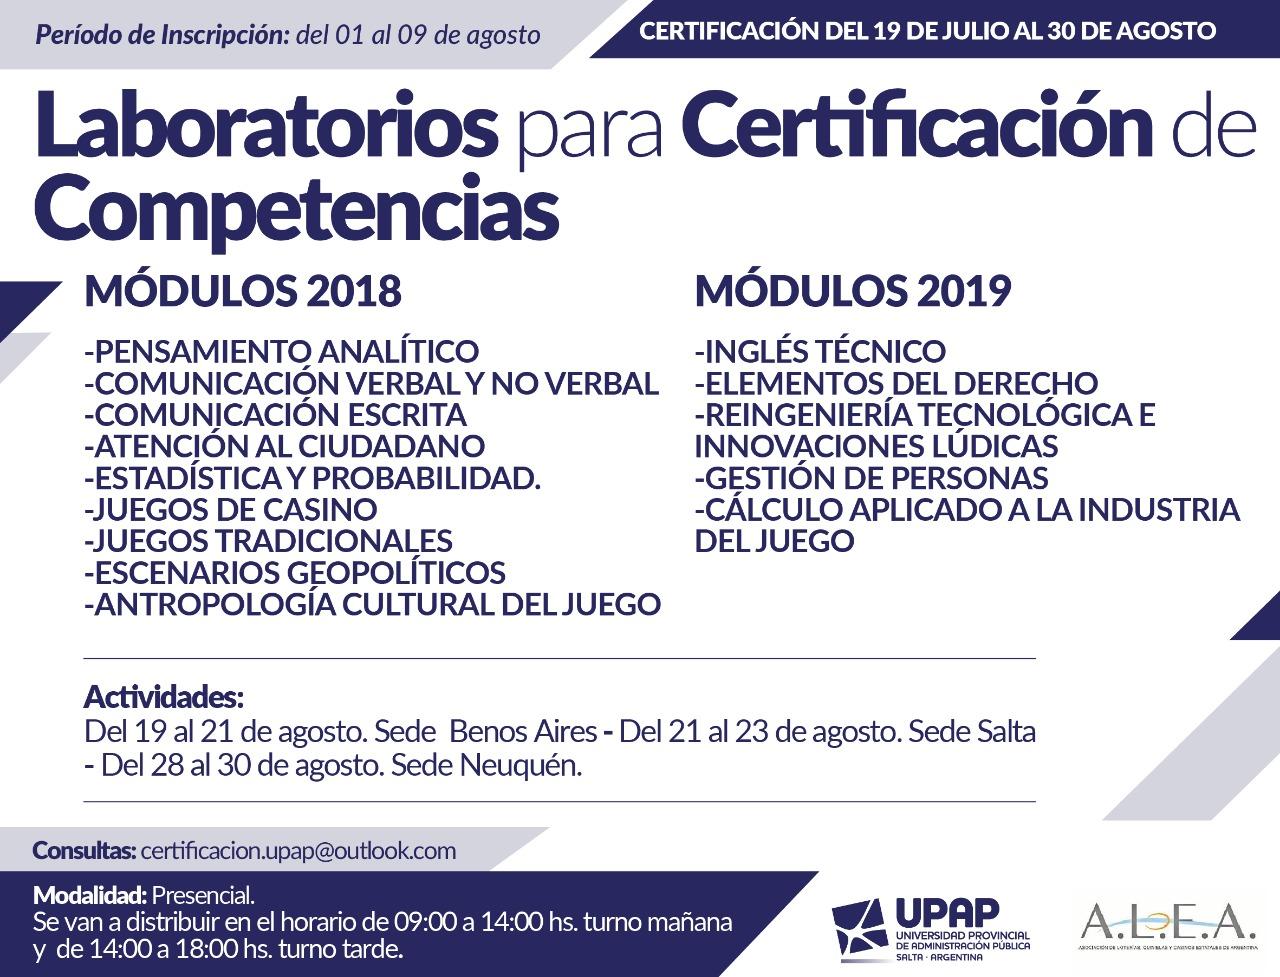 Tecnicatura ALEA- UPAP: encuentros presenciales y certificaciones en Salta, Buenos Aires y Neuquén 2019